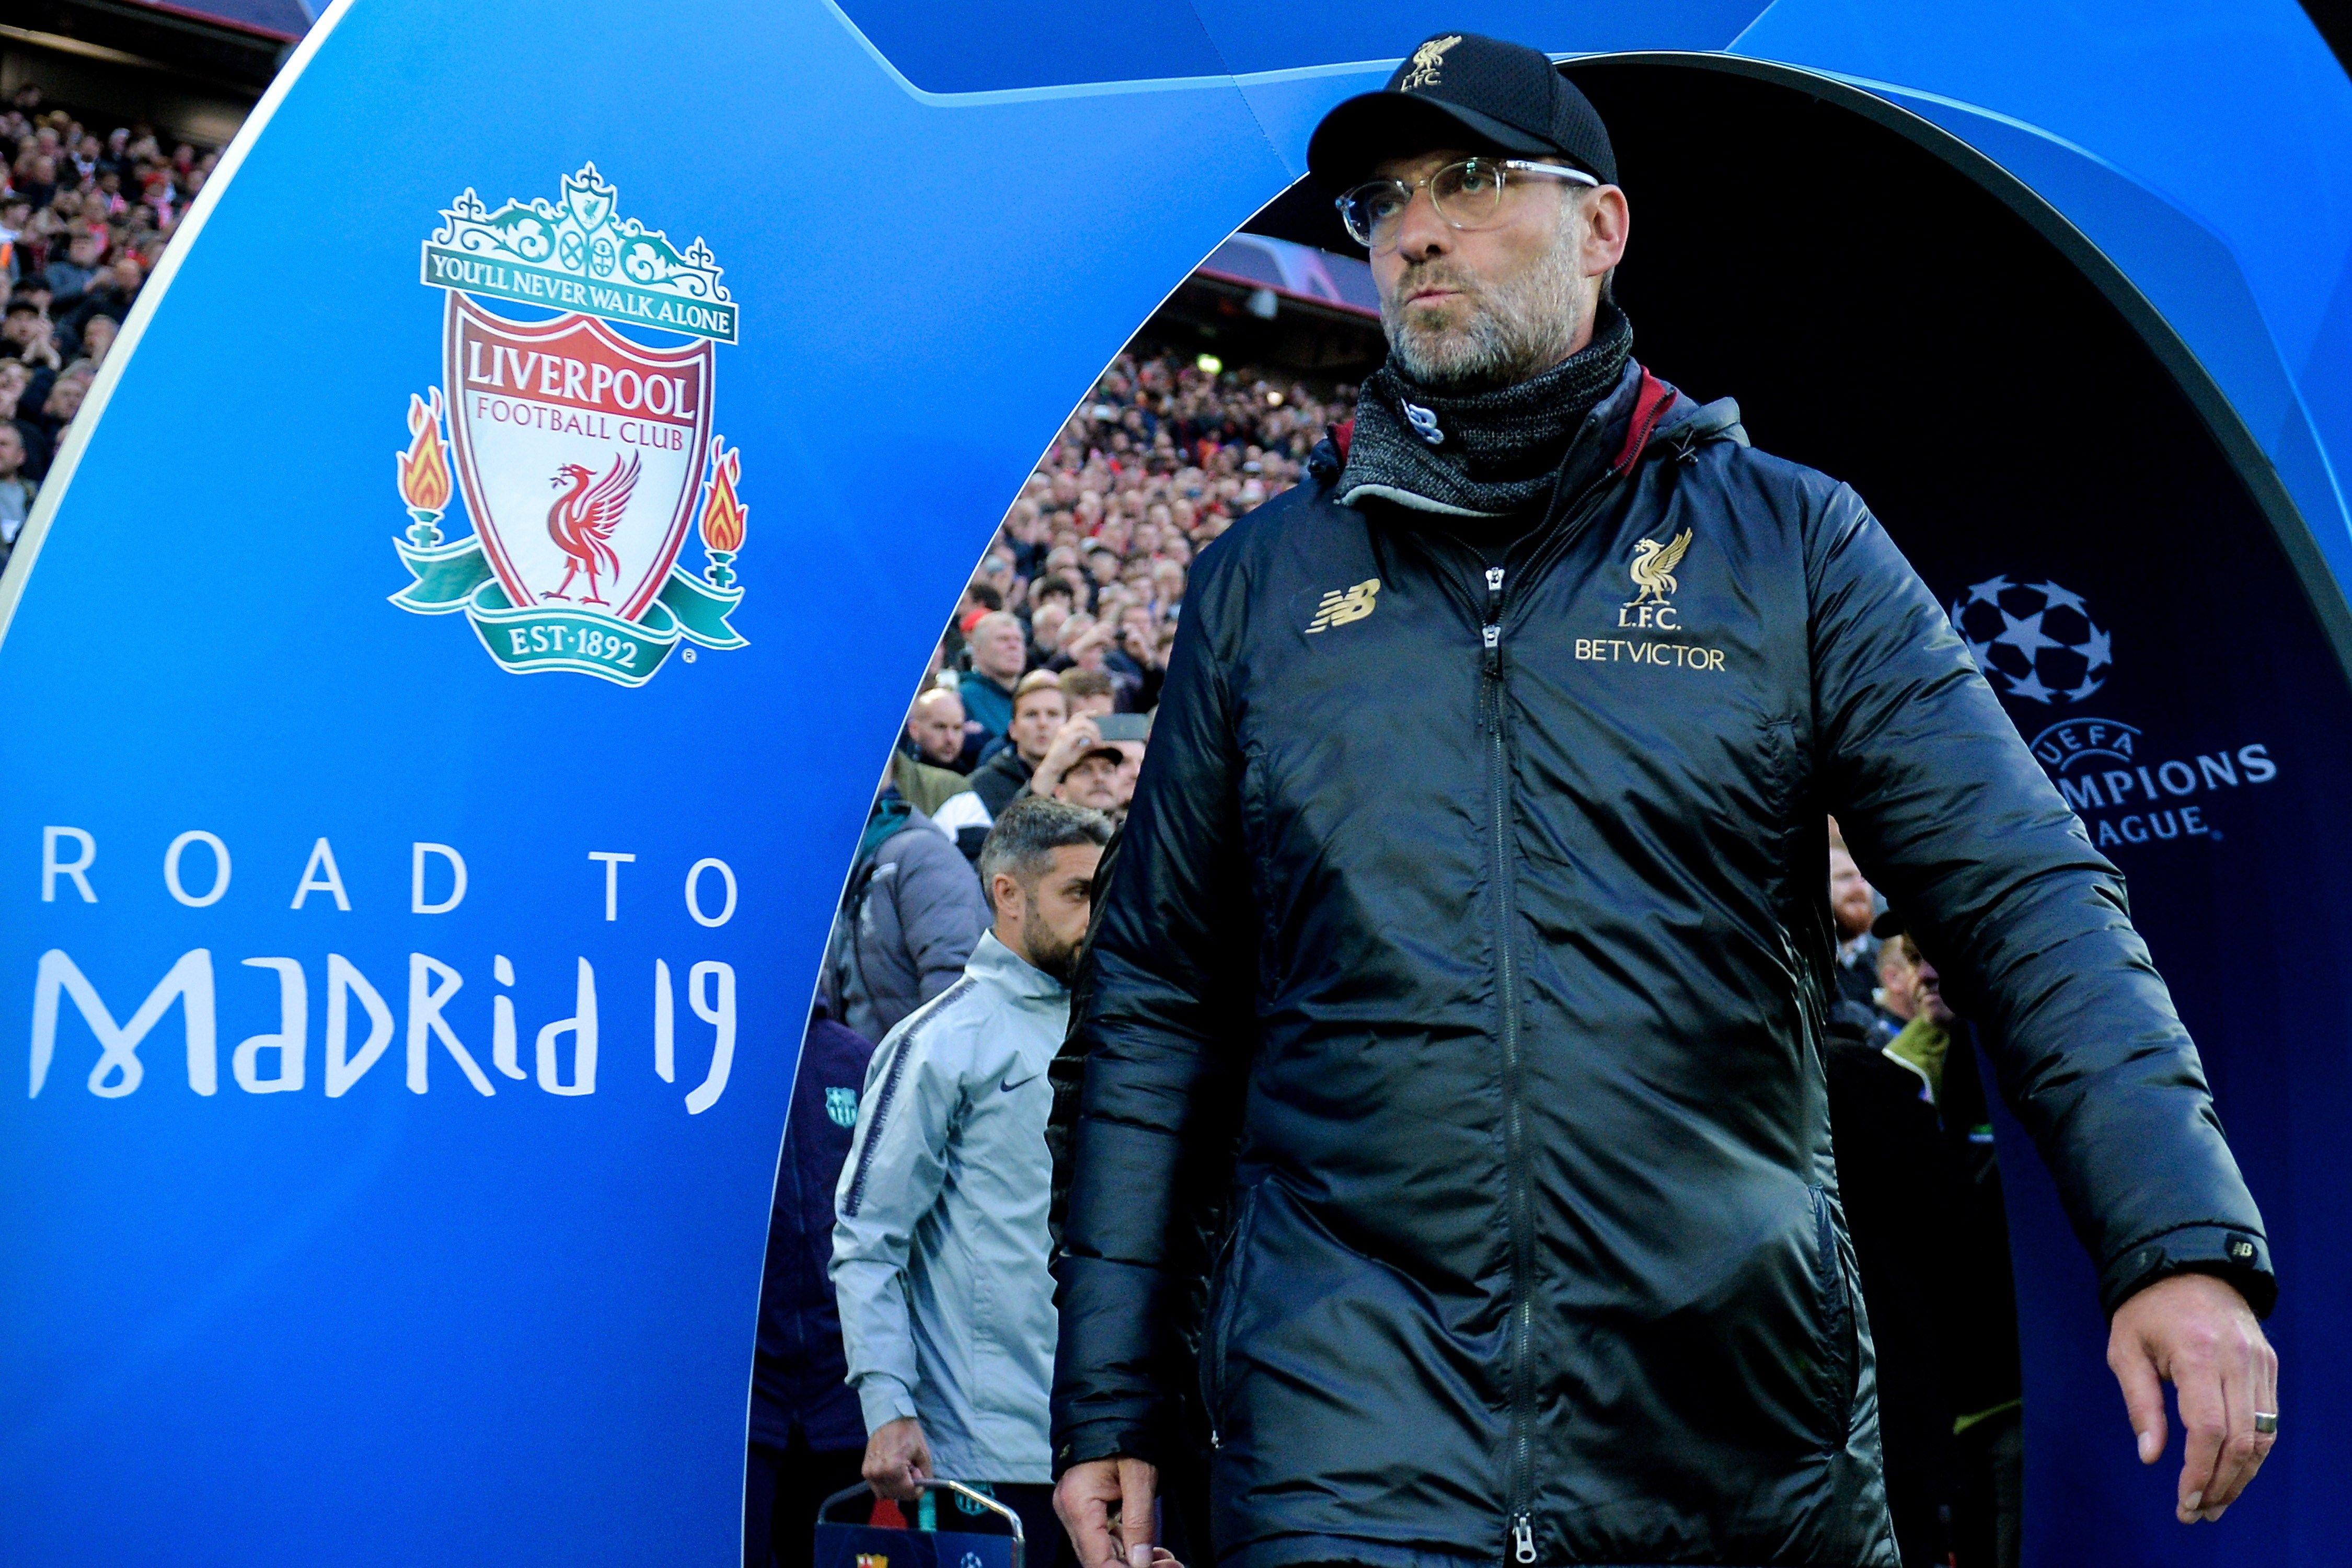 El entrenador en jefe del Liverpool Jurgen Klopp, reacciona por los precios de las finales europeas. (Foto Prensa Libre: EFE)